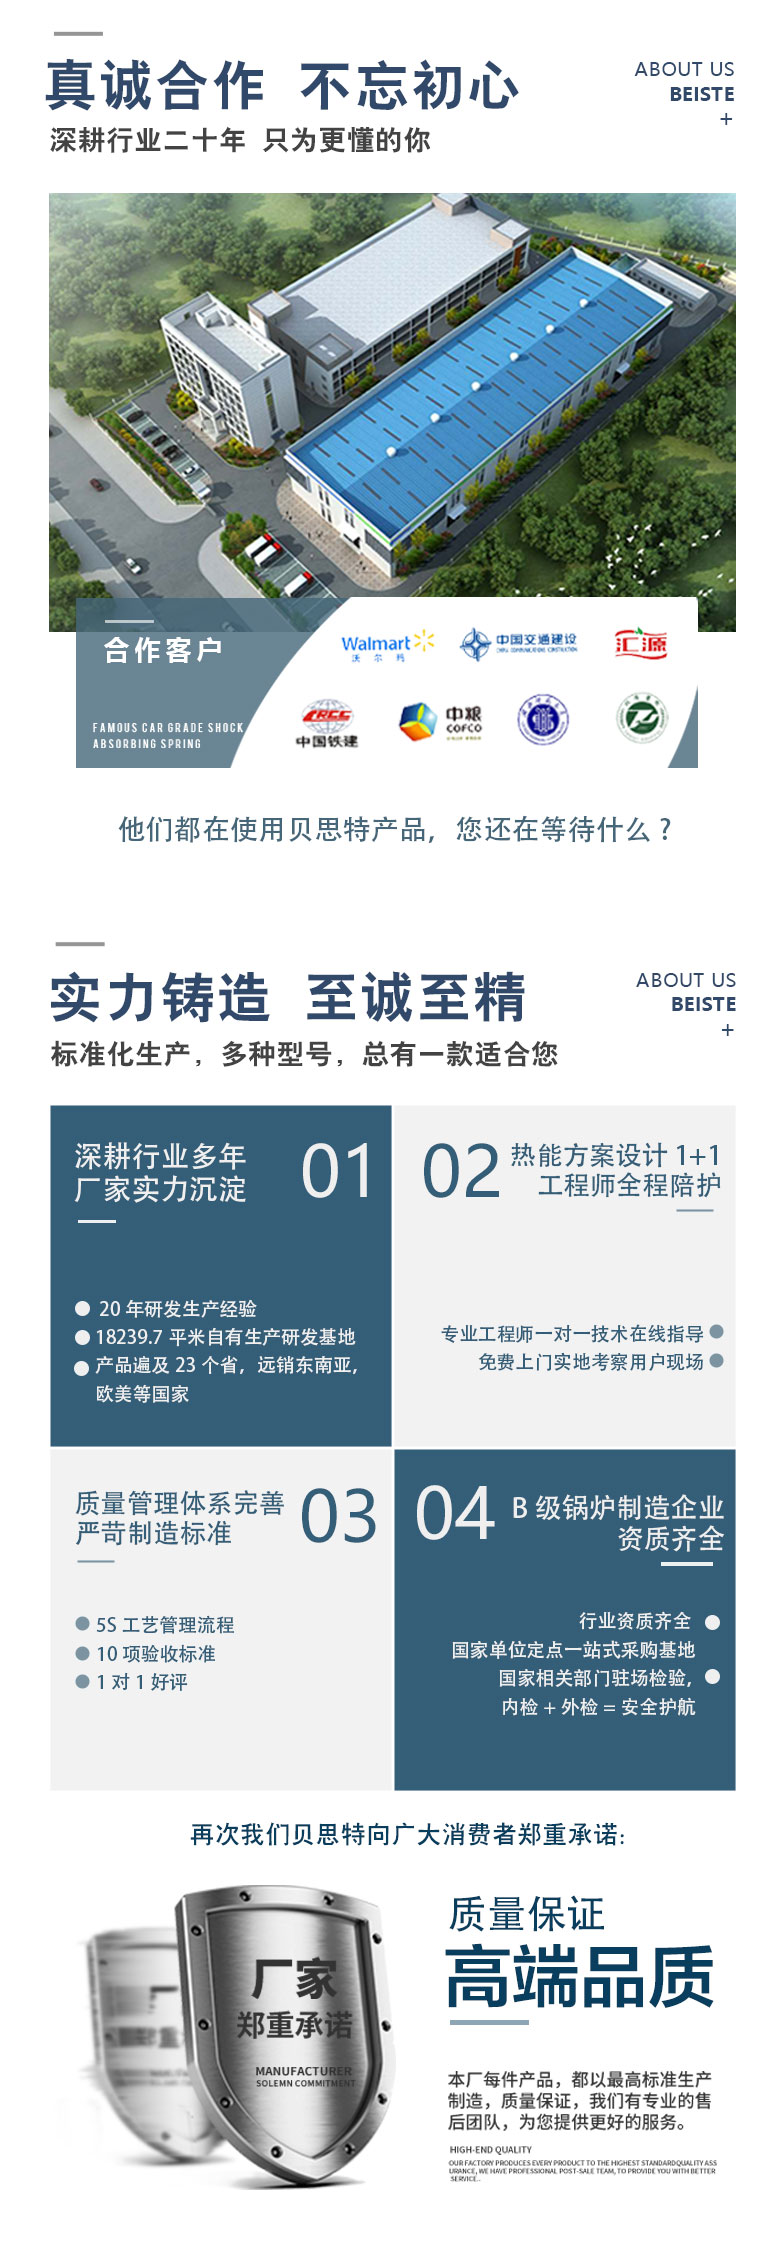 8-真诚合作-不忘初心+实力铸造-至诚至精(300kg).jpg